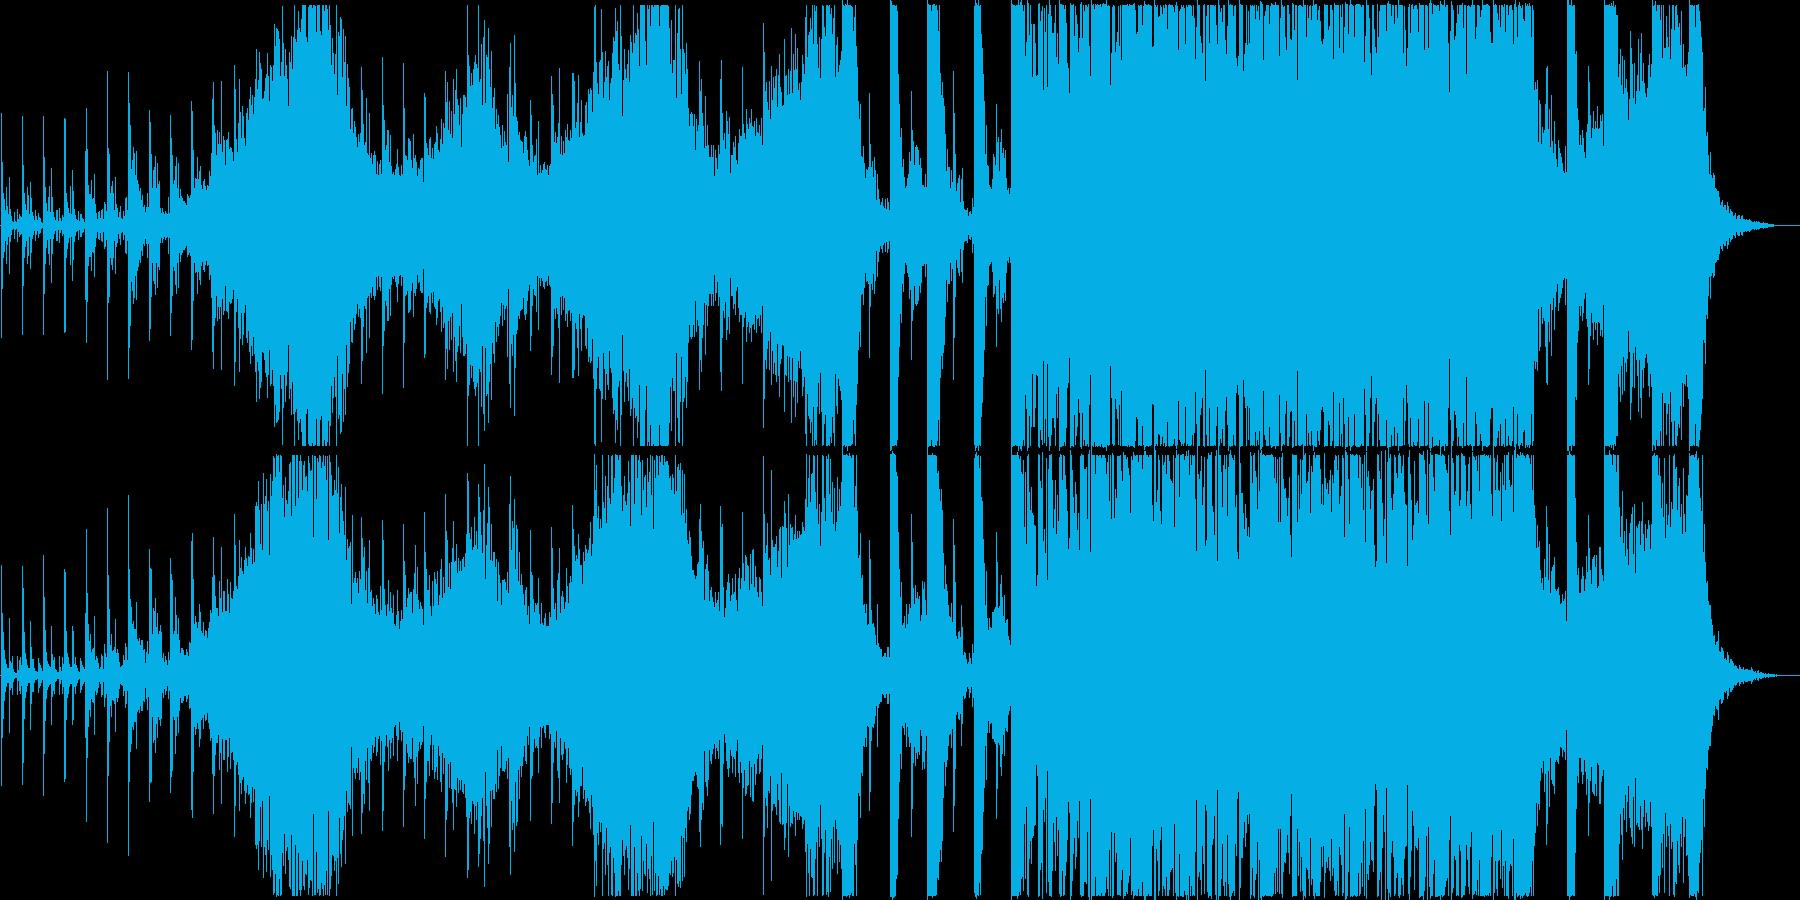 危険な何かが登場しつつあるイメージの再生済みの波形